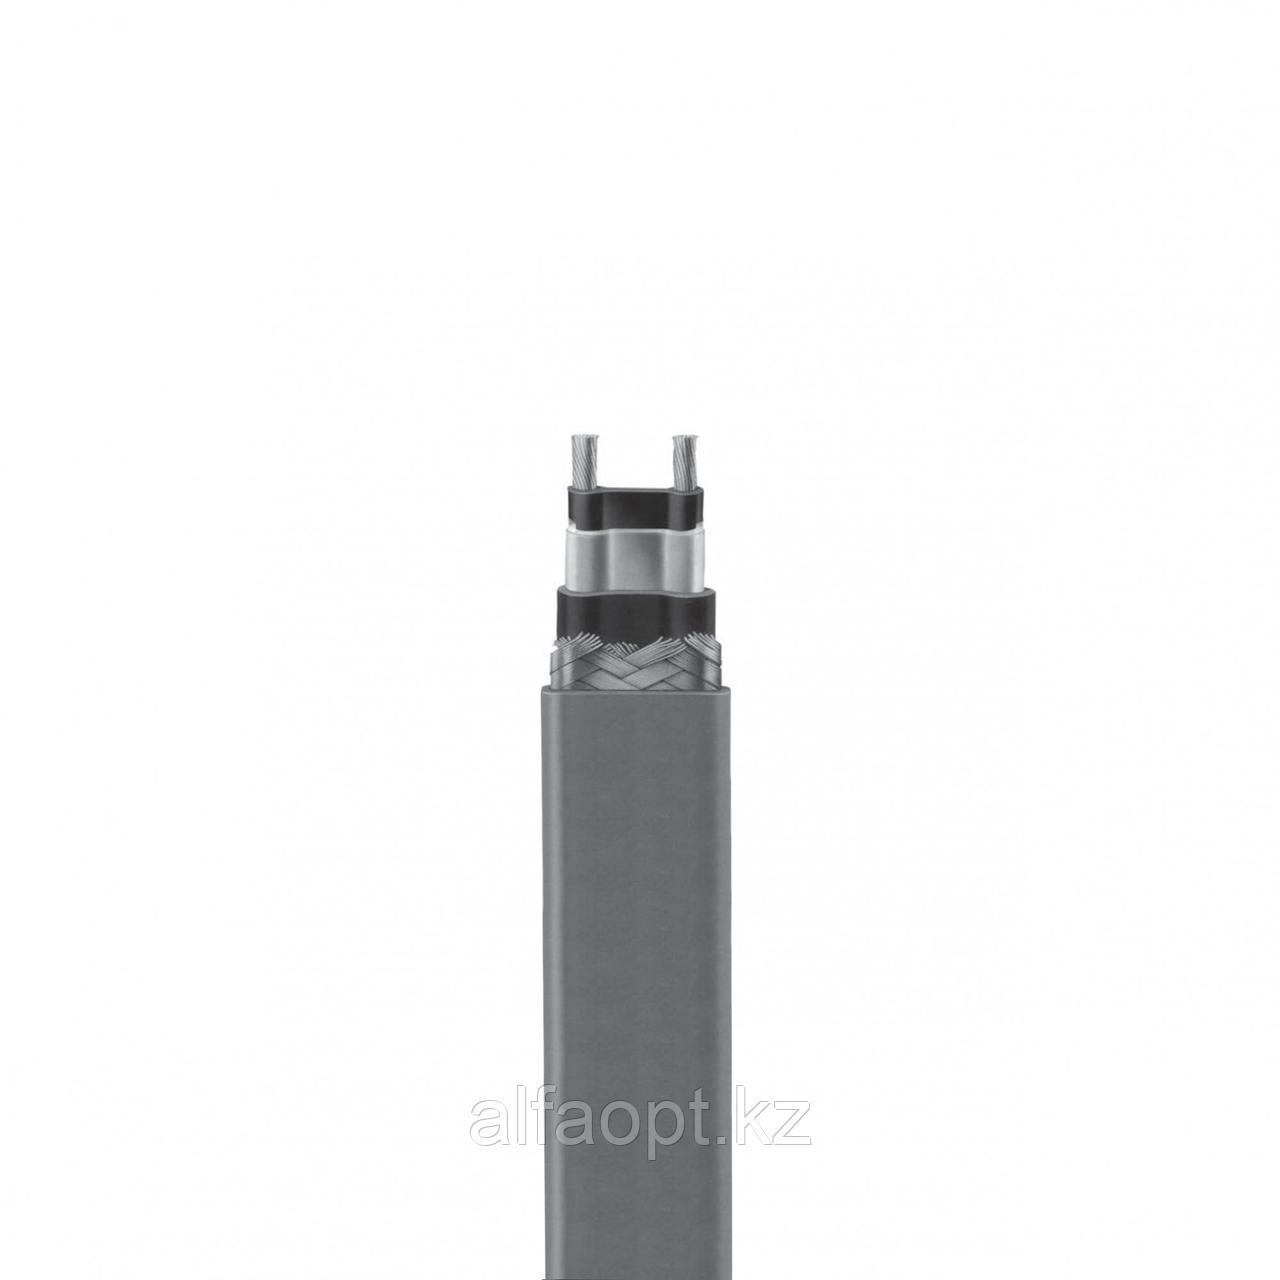 Саморегулирующийся нагревательный кабель NELSON LT-23 – JT